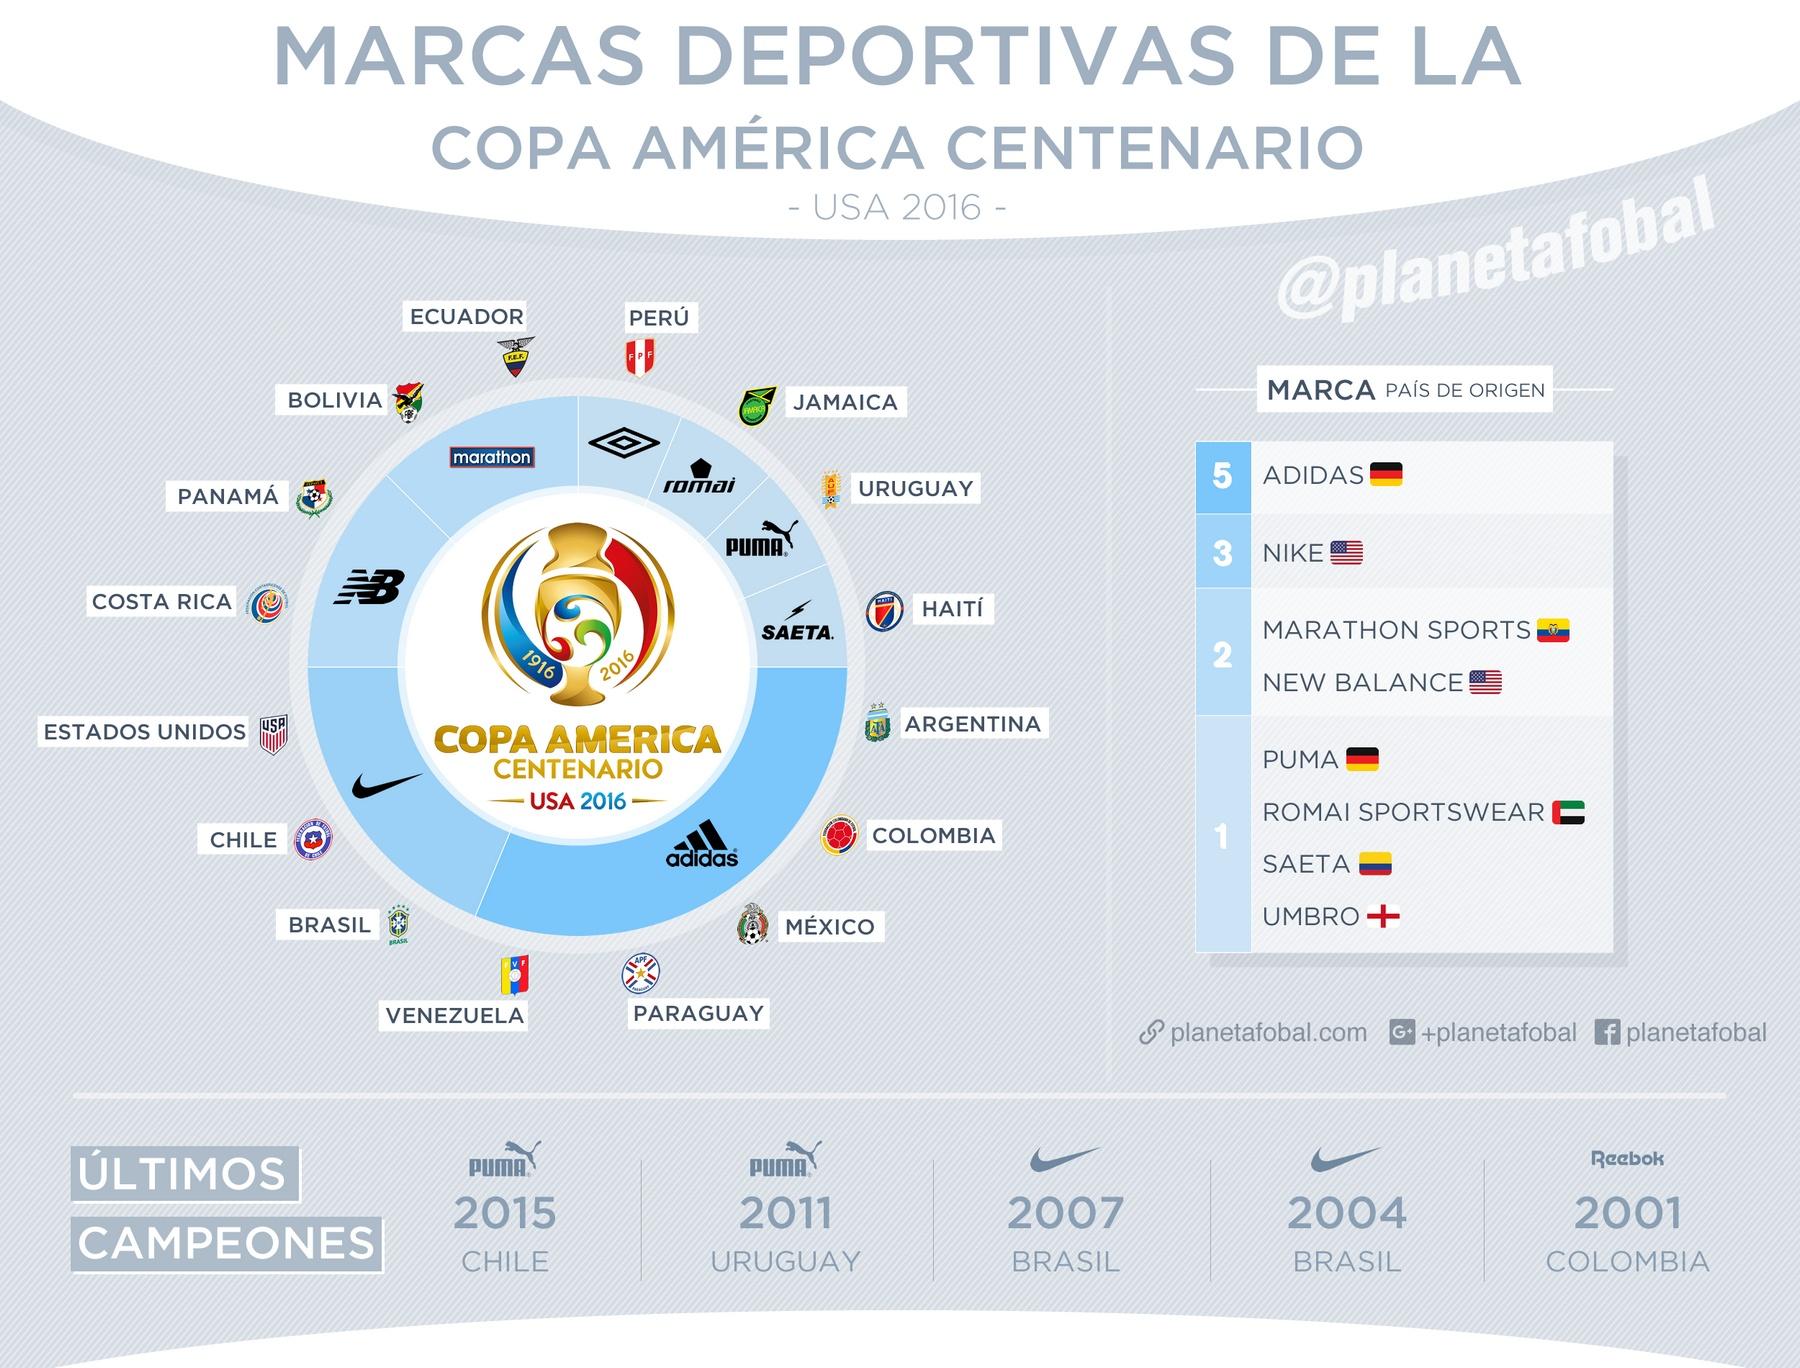 Las marcas de la Copa América Centenario USA 2016